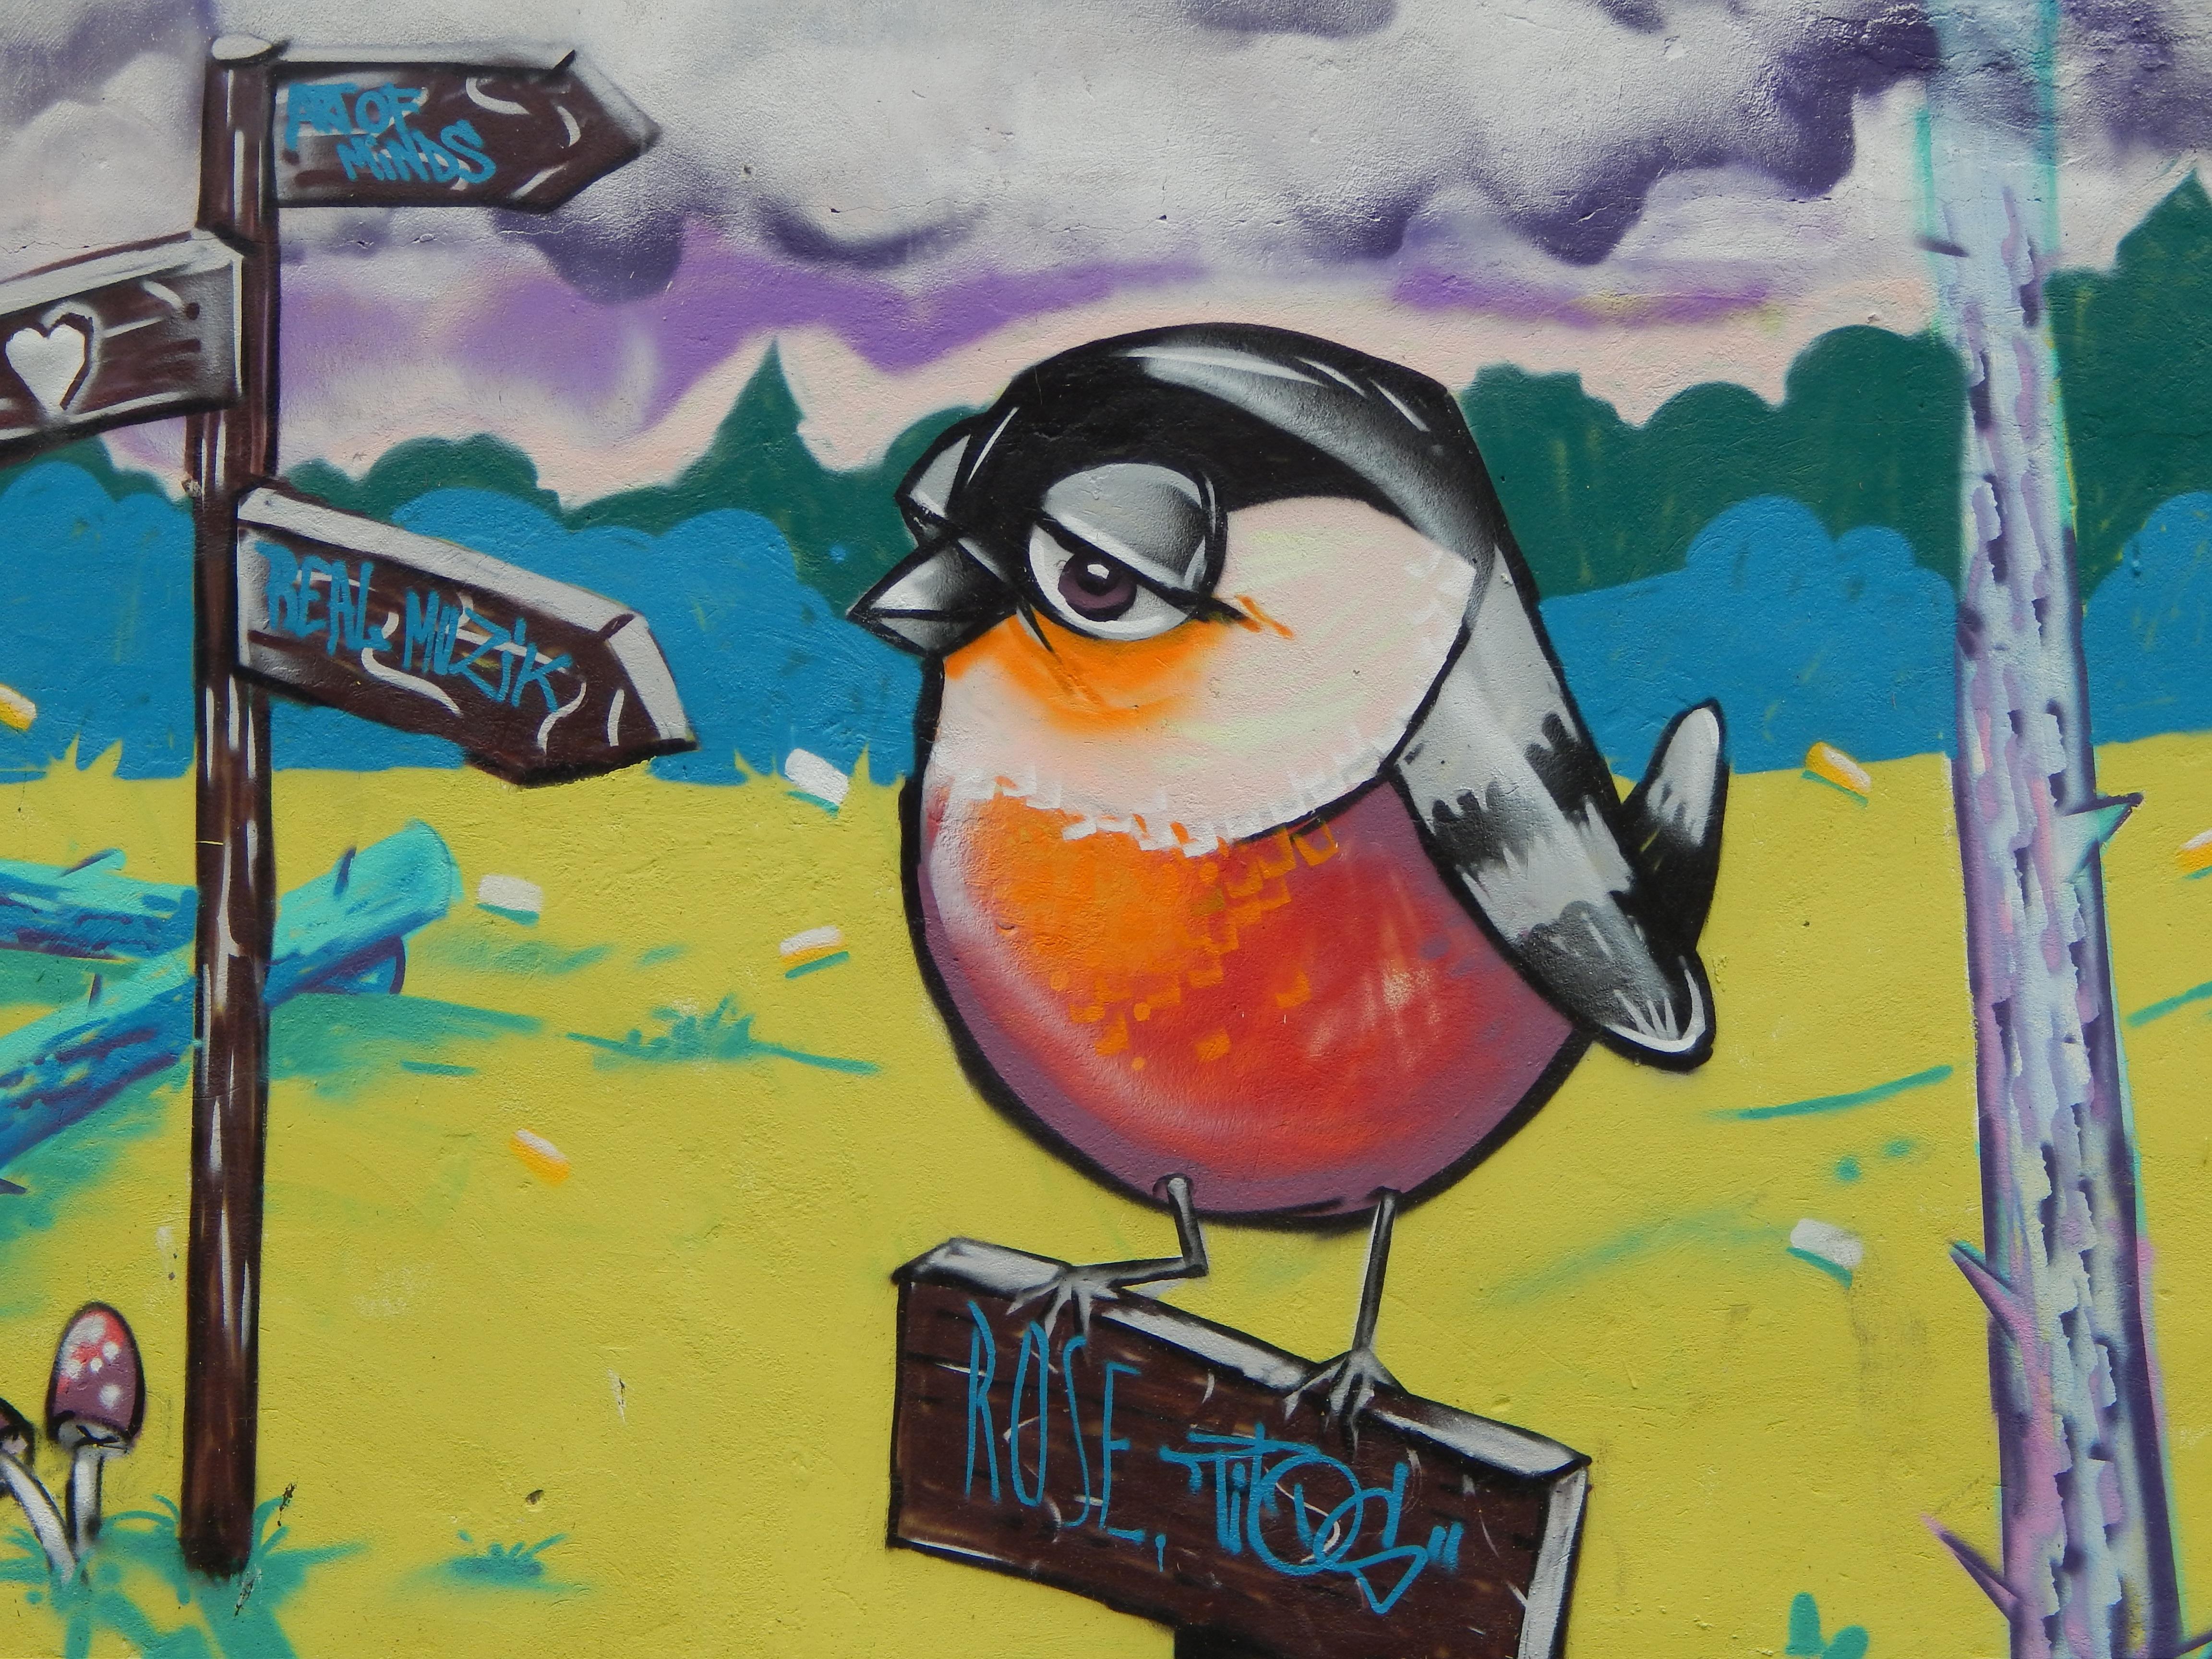 Citaten Kunst Yang Bagus : Gambar burung lukisan ilustrasi grafis seni